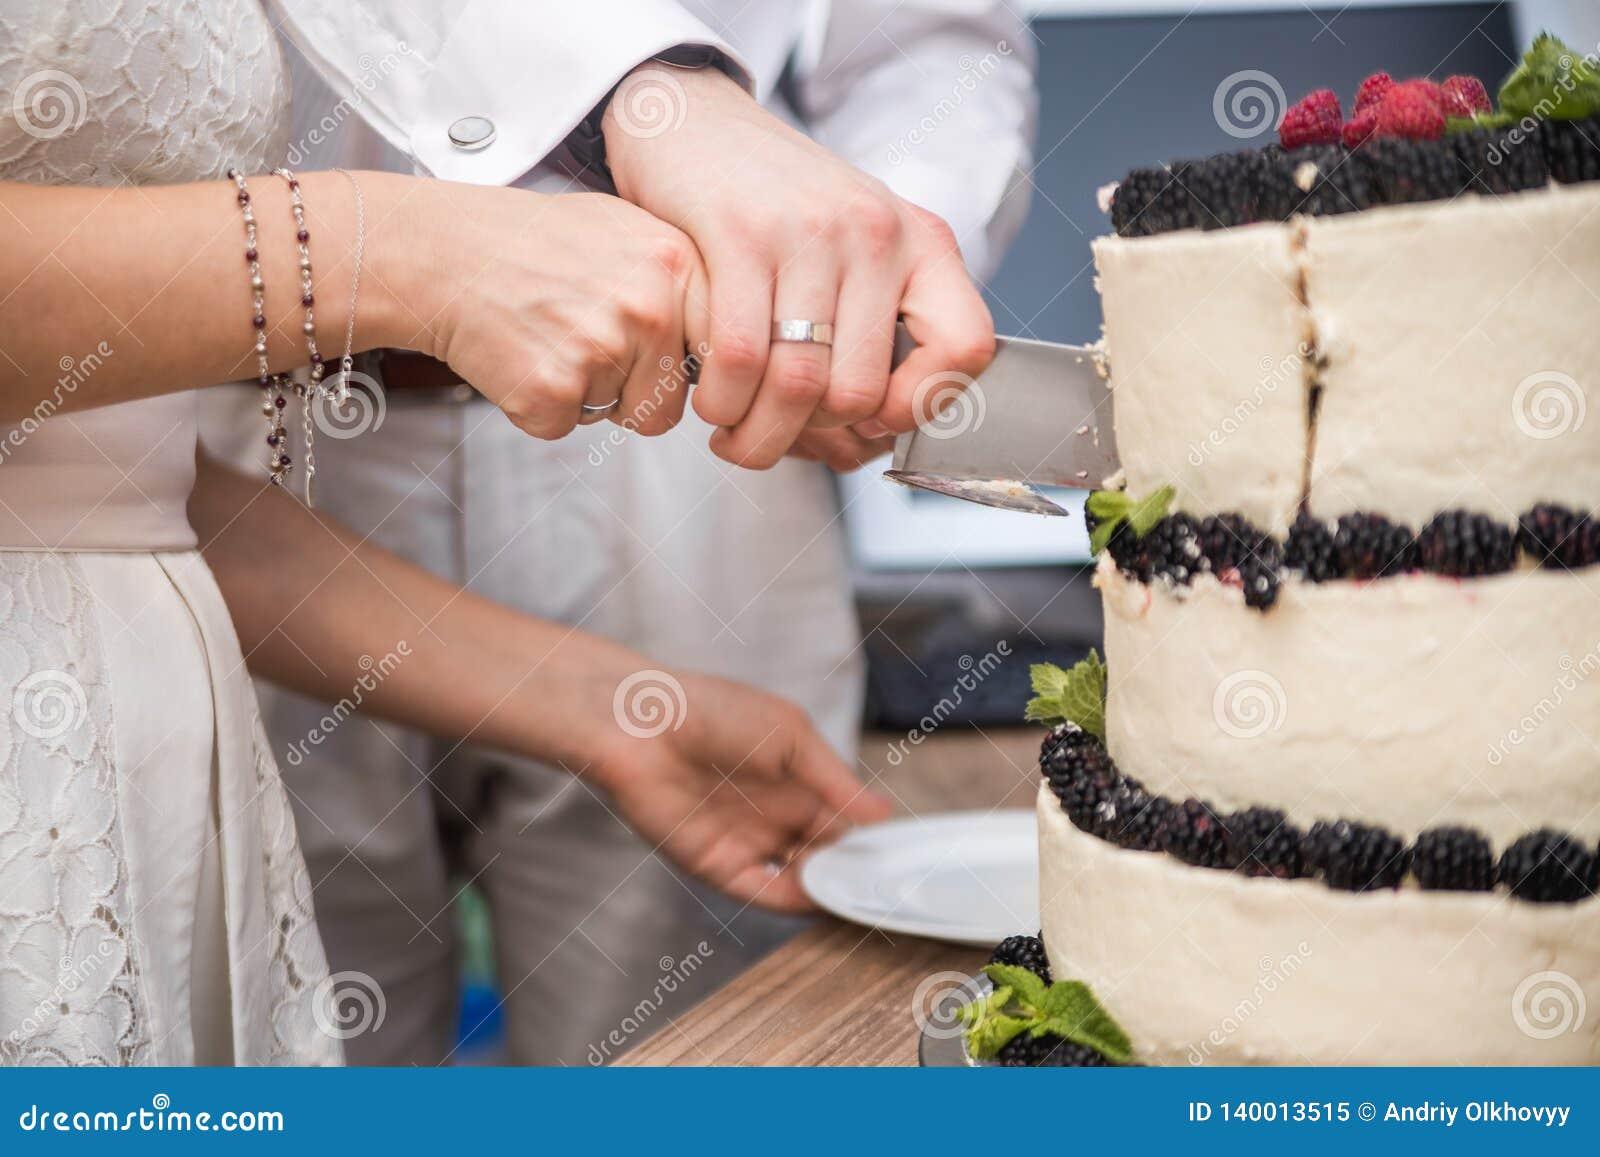 Pastel de bodas con las bayas en la tabla de madera La novia y el novio cortaron la torta dulce en banquete en restaurante